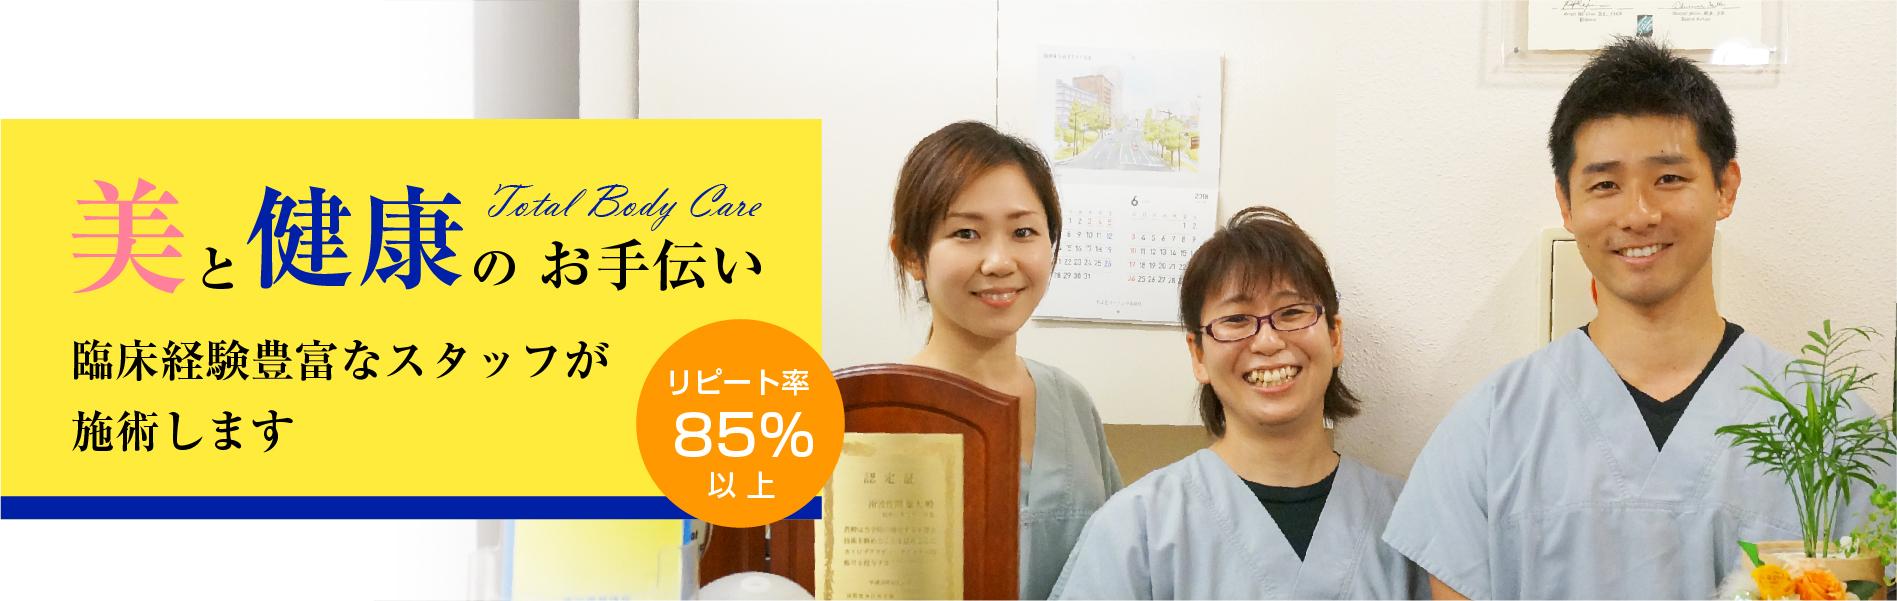 リピート率85%以上 美と健康のお手伝い 臨床経験豊富なスタッフが施術します